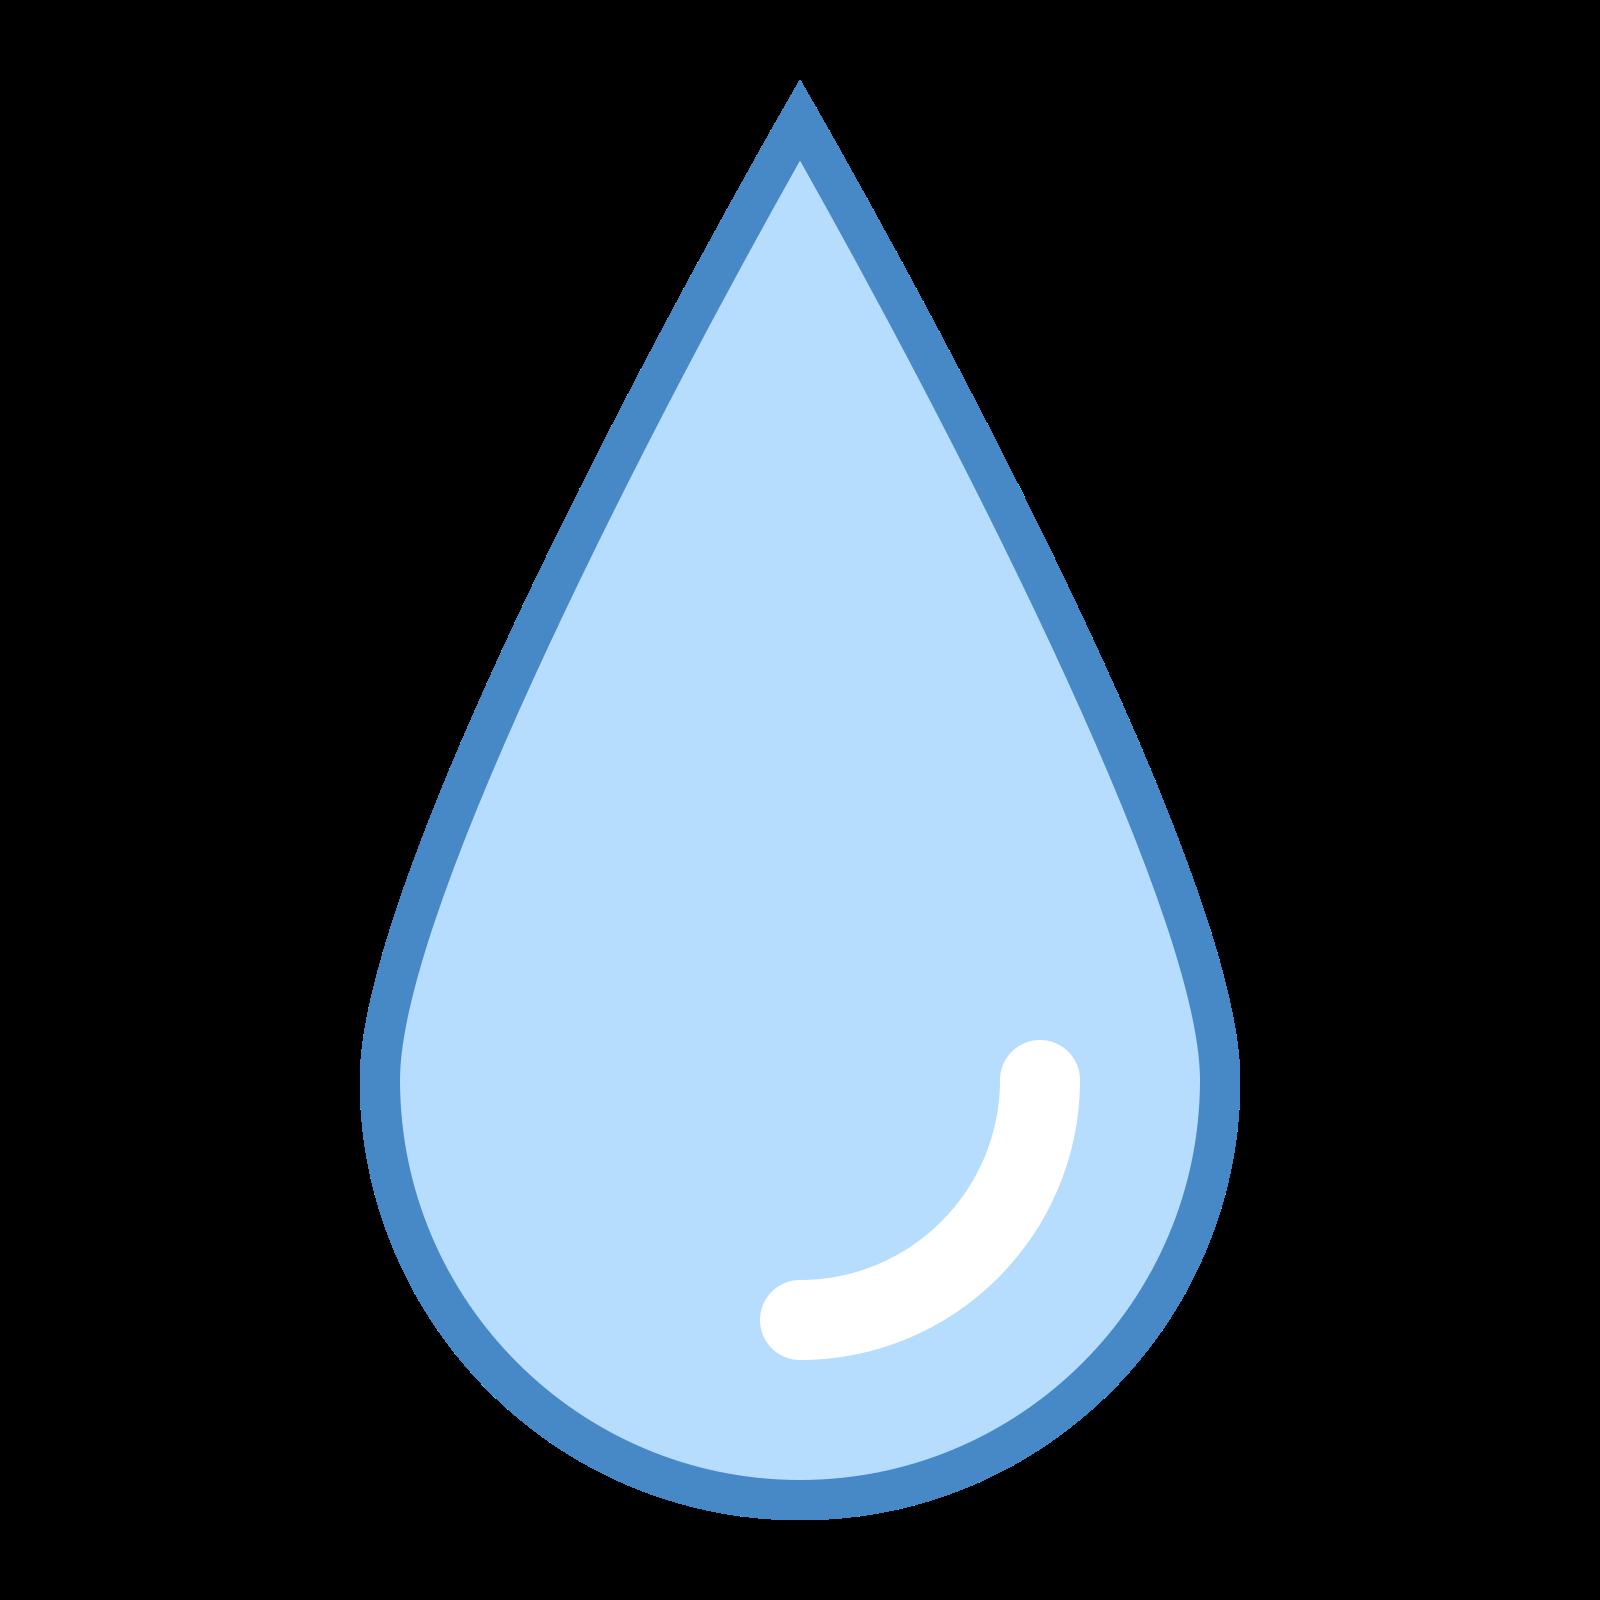 ぶれ icon. The icon is shaped simply like a tear drop falling downwards. The bottom of the shape is a curved semi circle and the top part of it is pointed like a triangle.